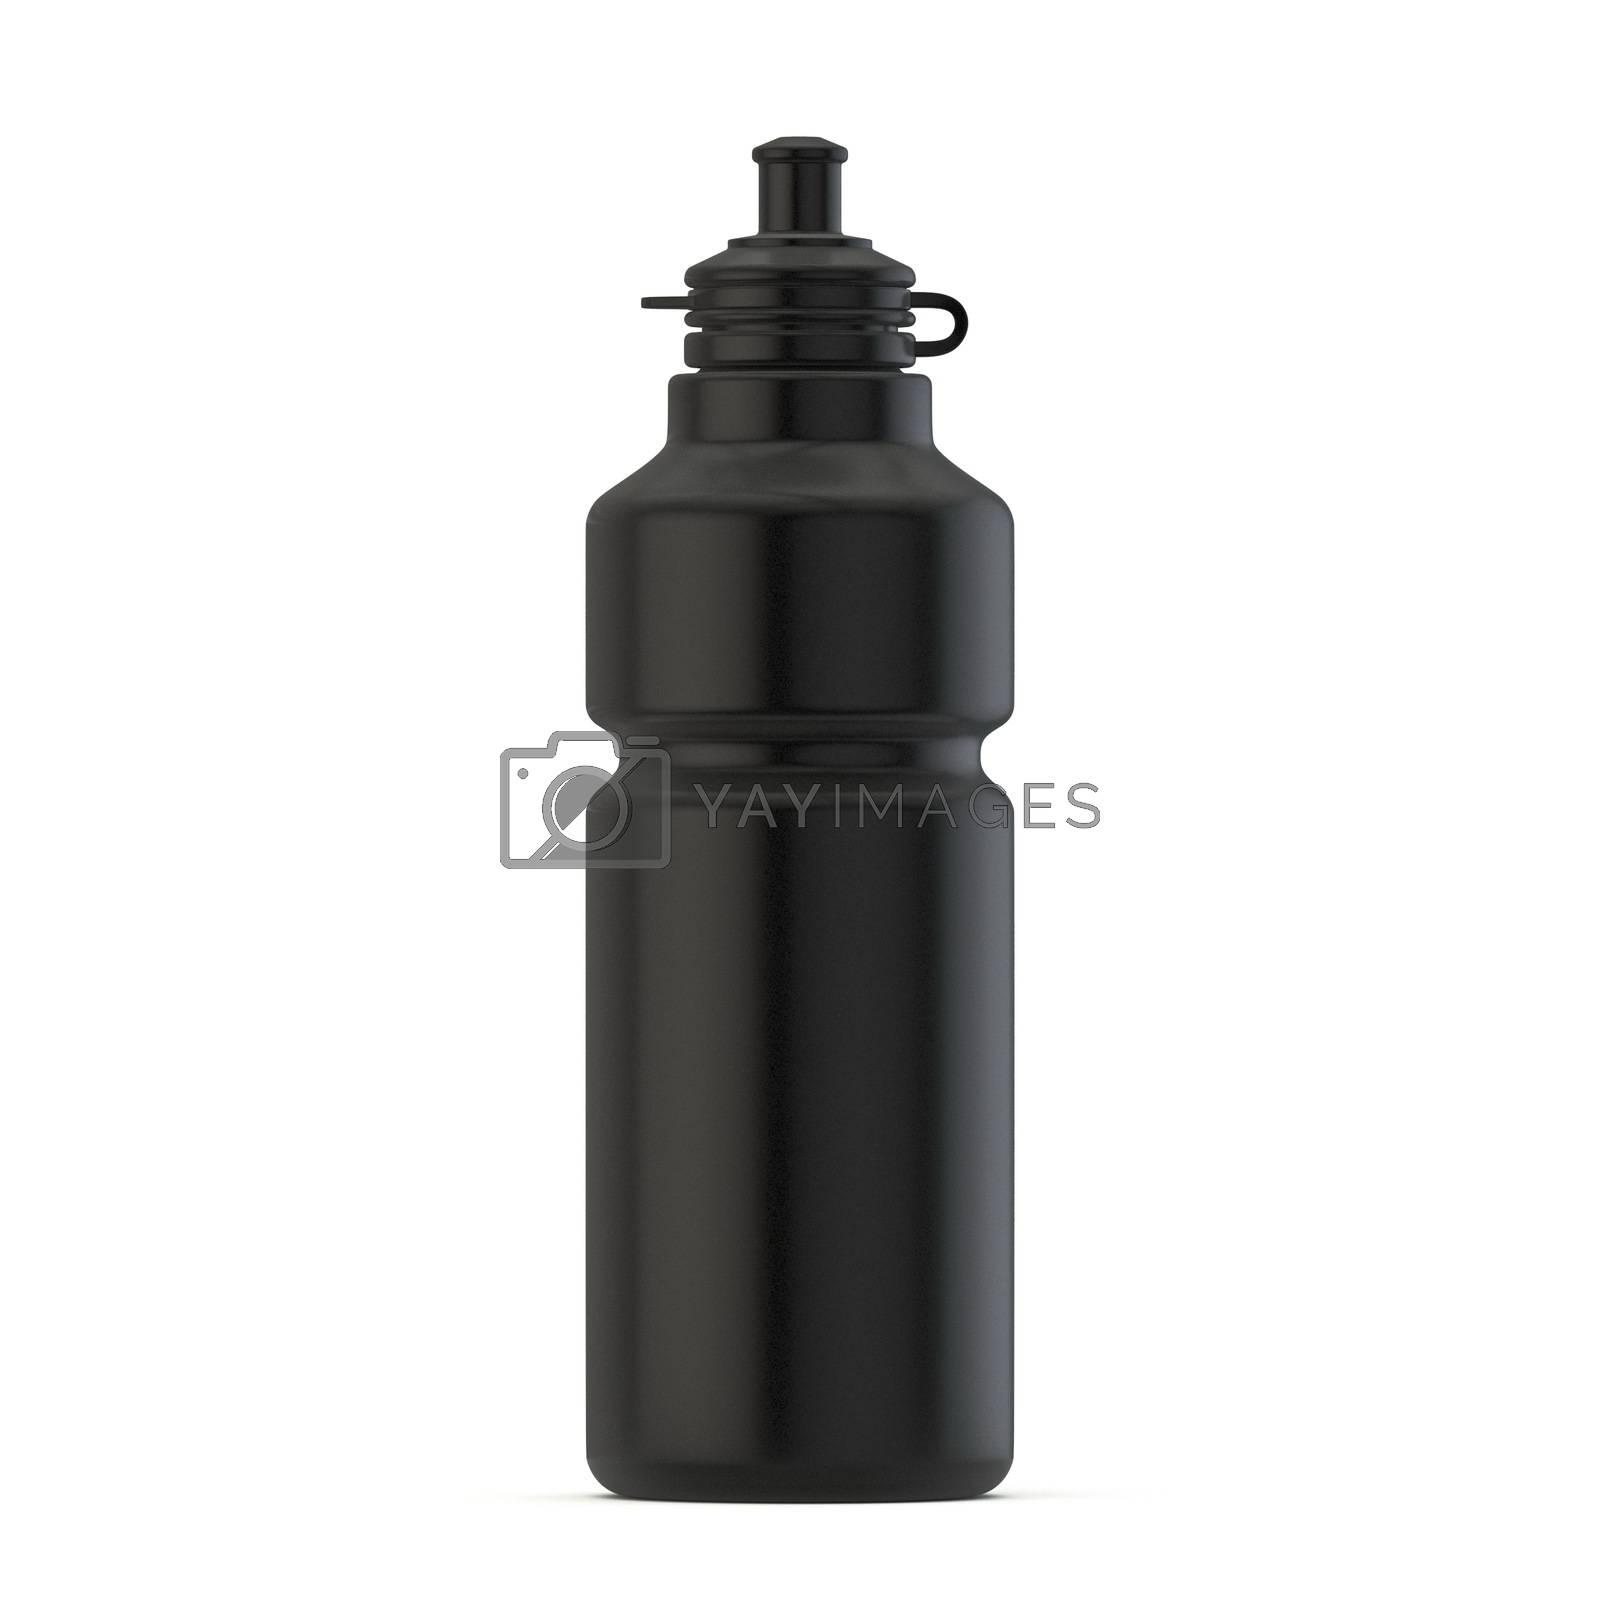 Black sport water bottle 3D render illustration isolated on white background